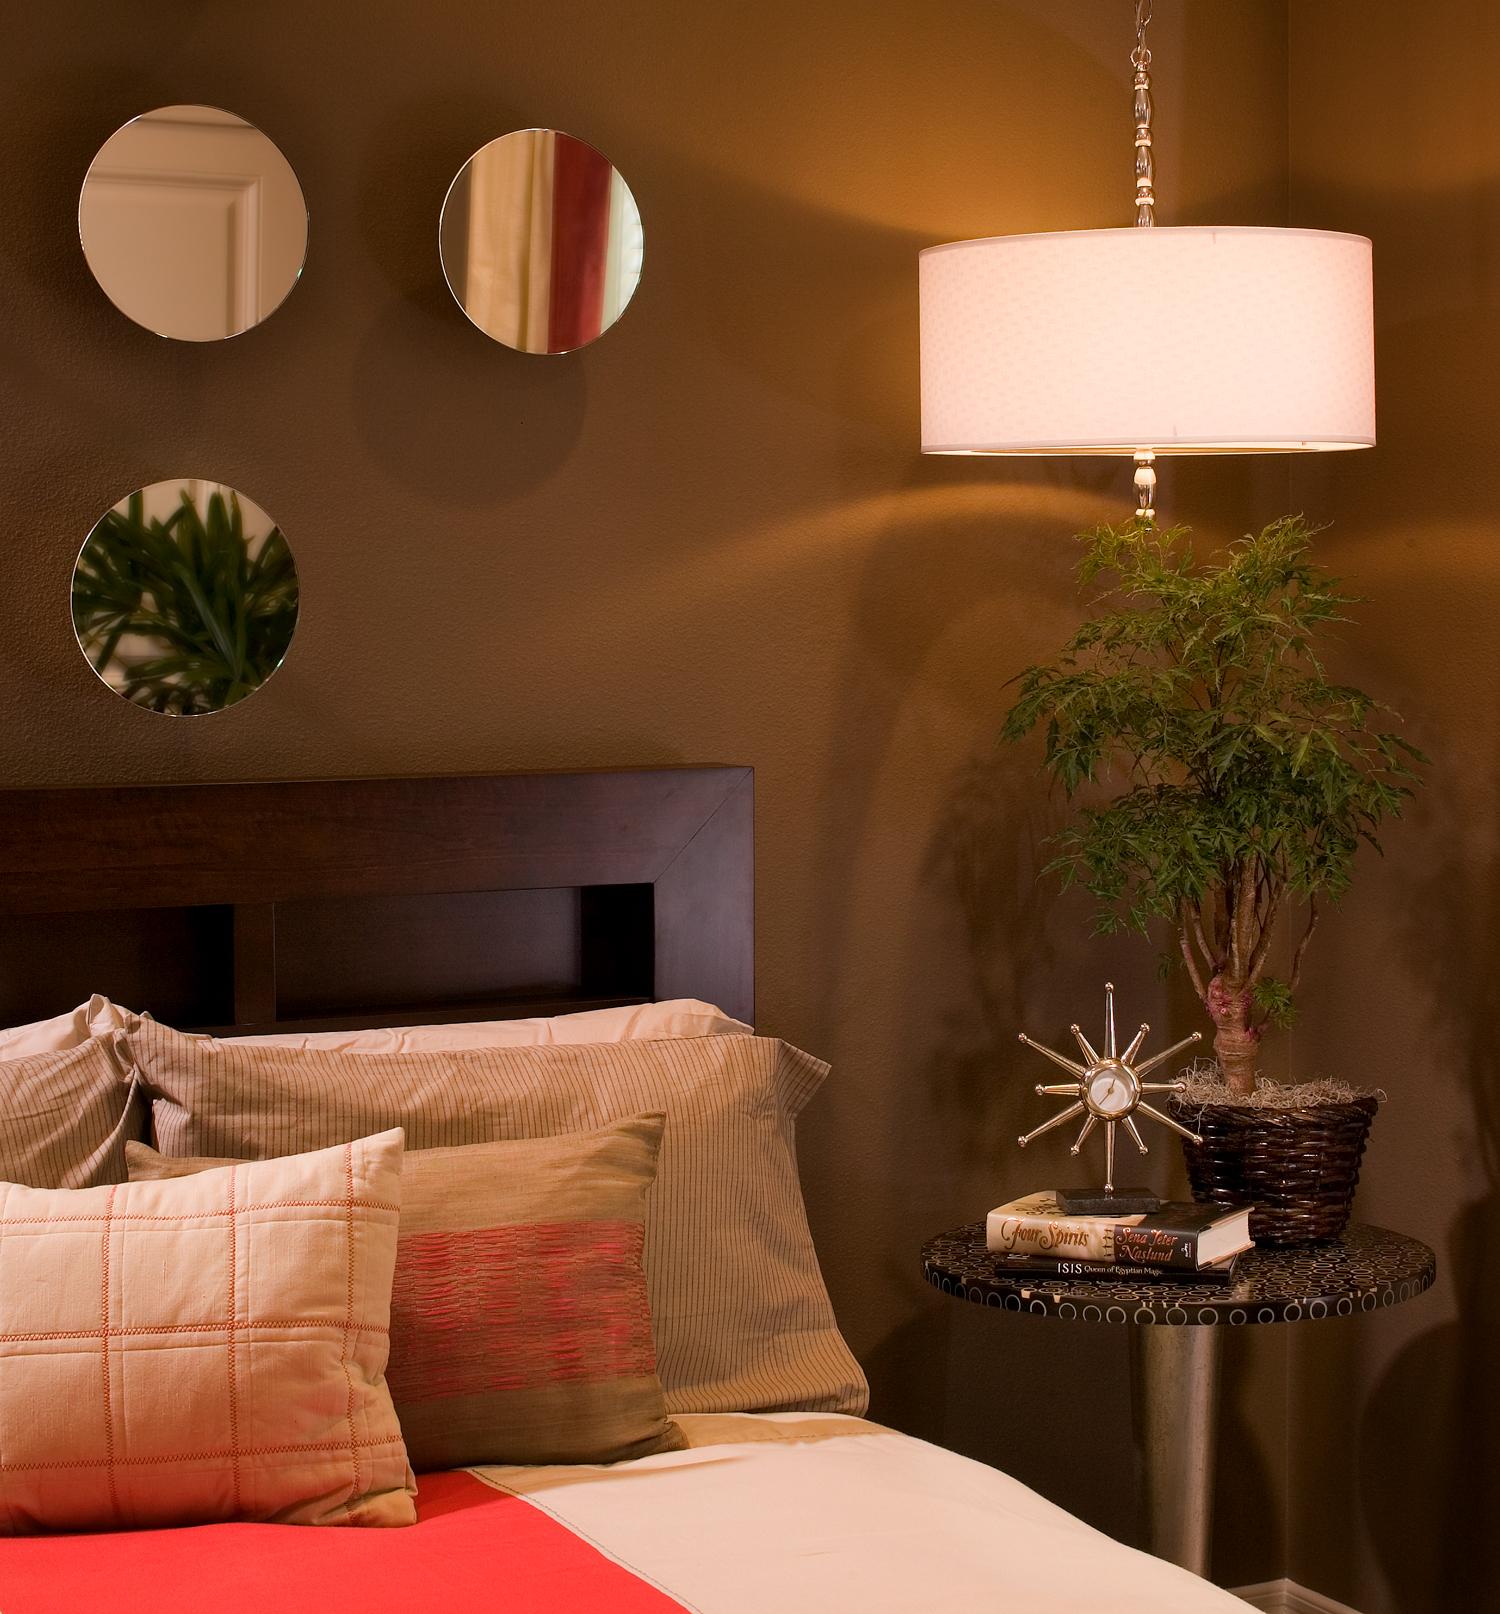 bedroomlamps.jpg